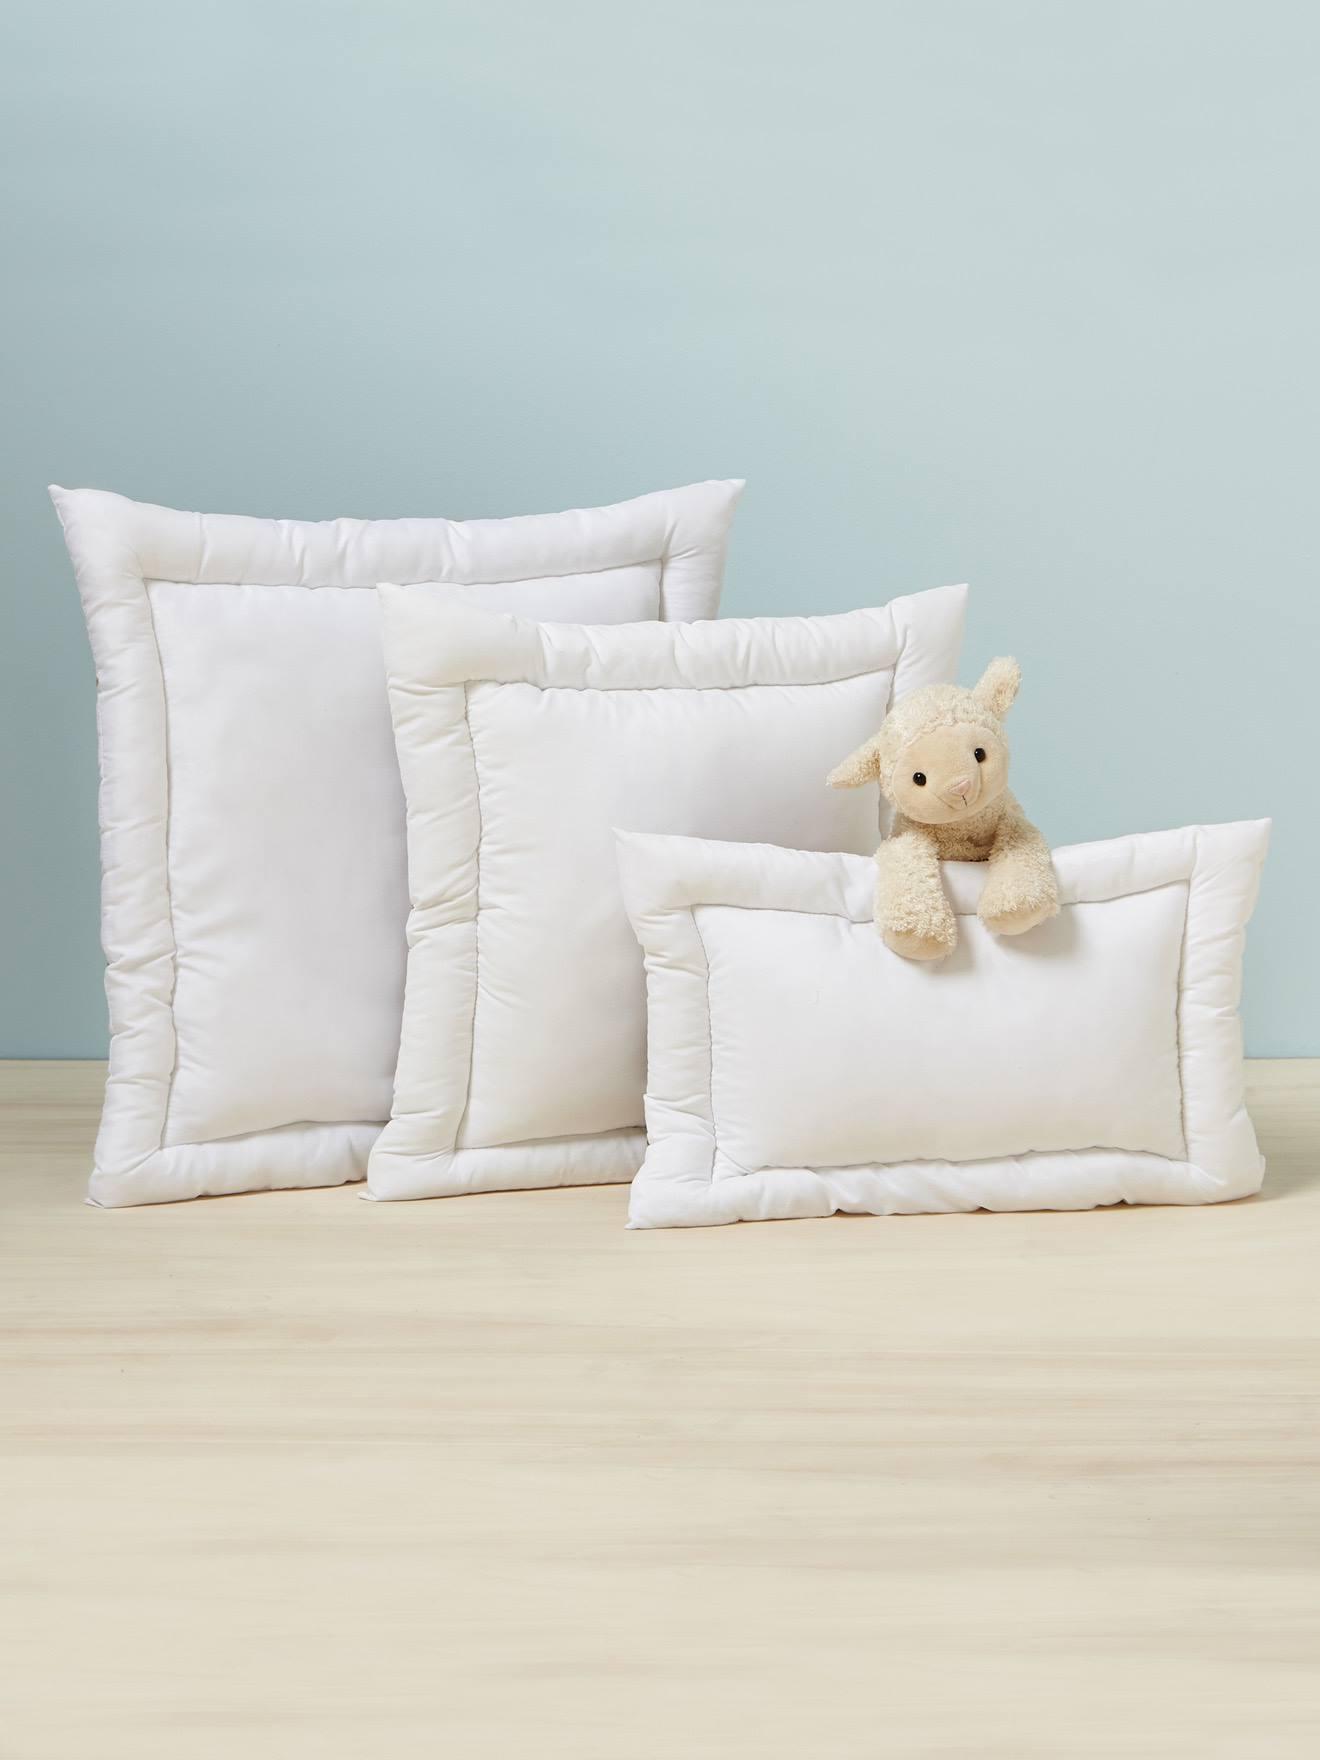 meubles et linge de lit literie oreiller oreiller plat thermoregulateur traite passerelle